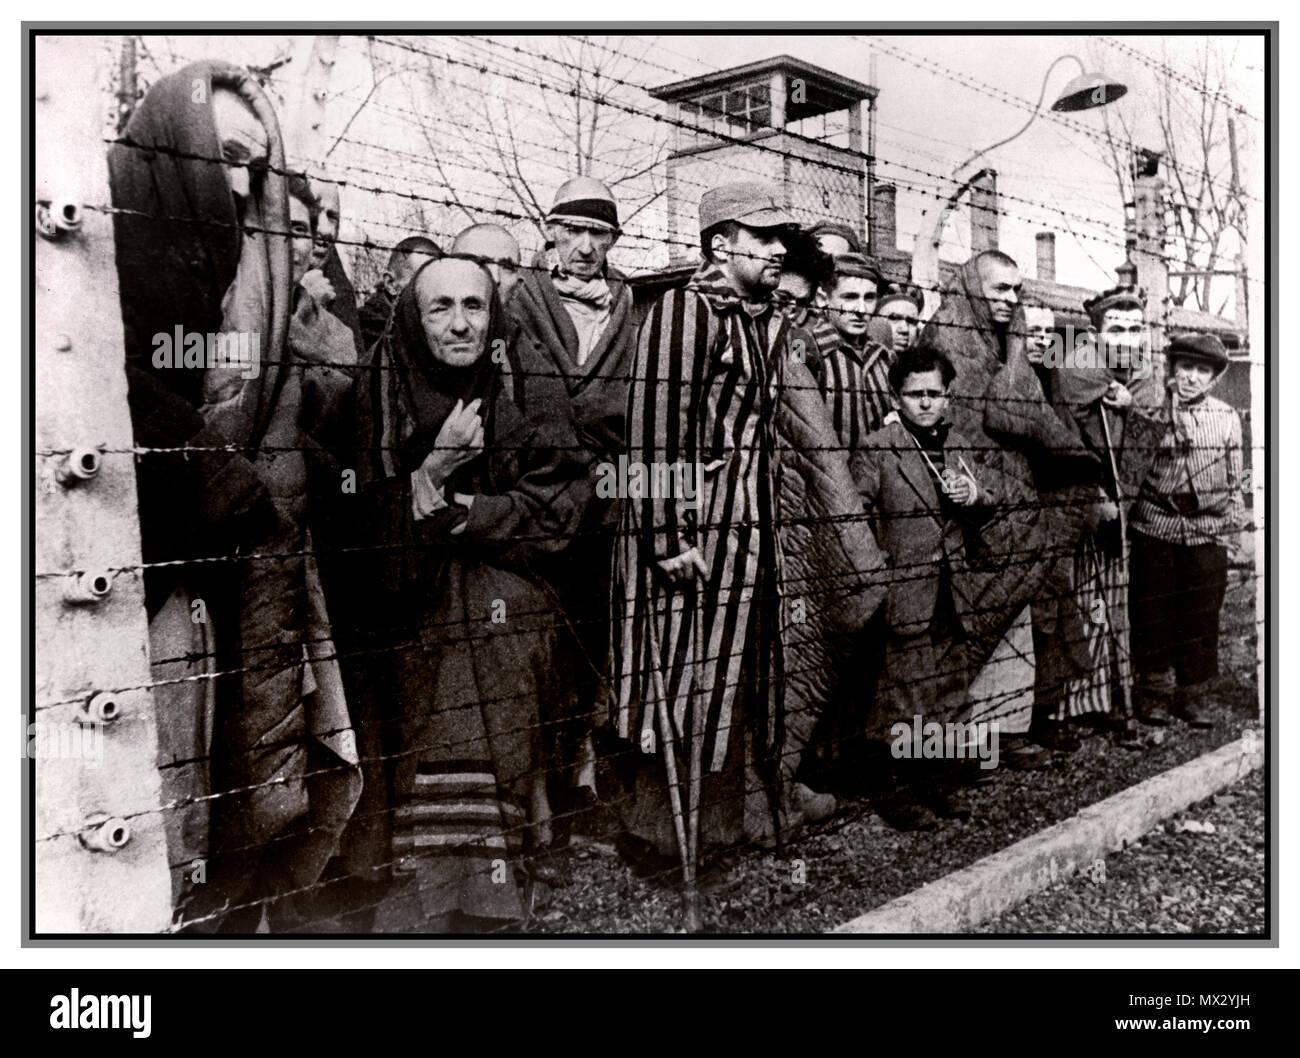 1940's holocaust ww2 auschwitz -birkenau nazi germany concentration